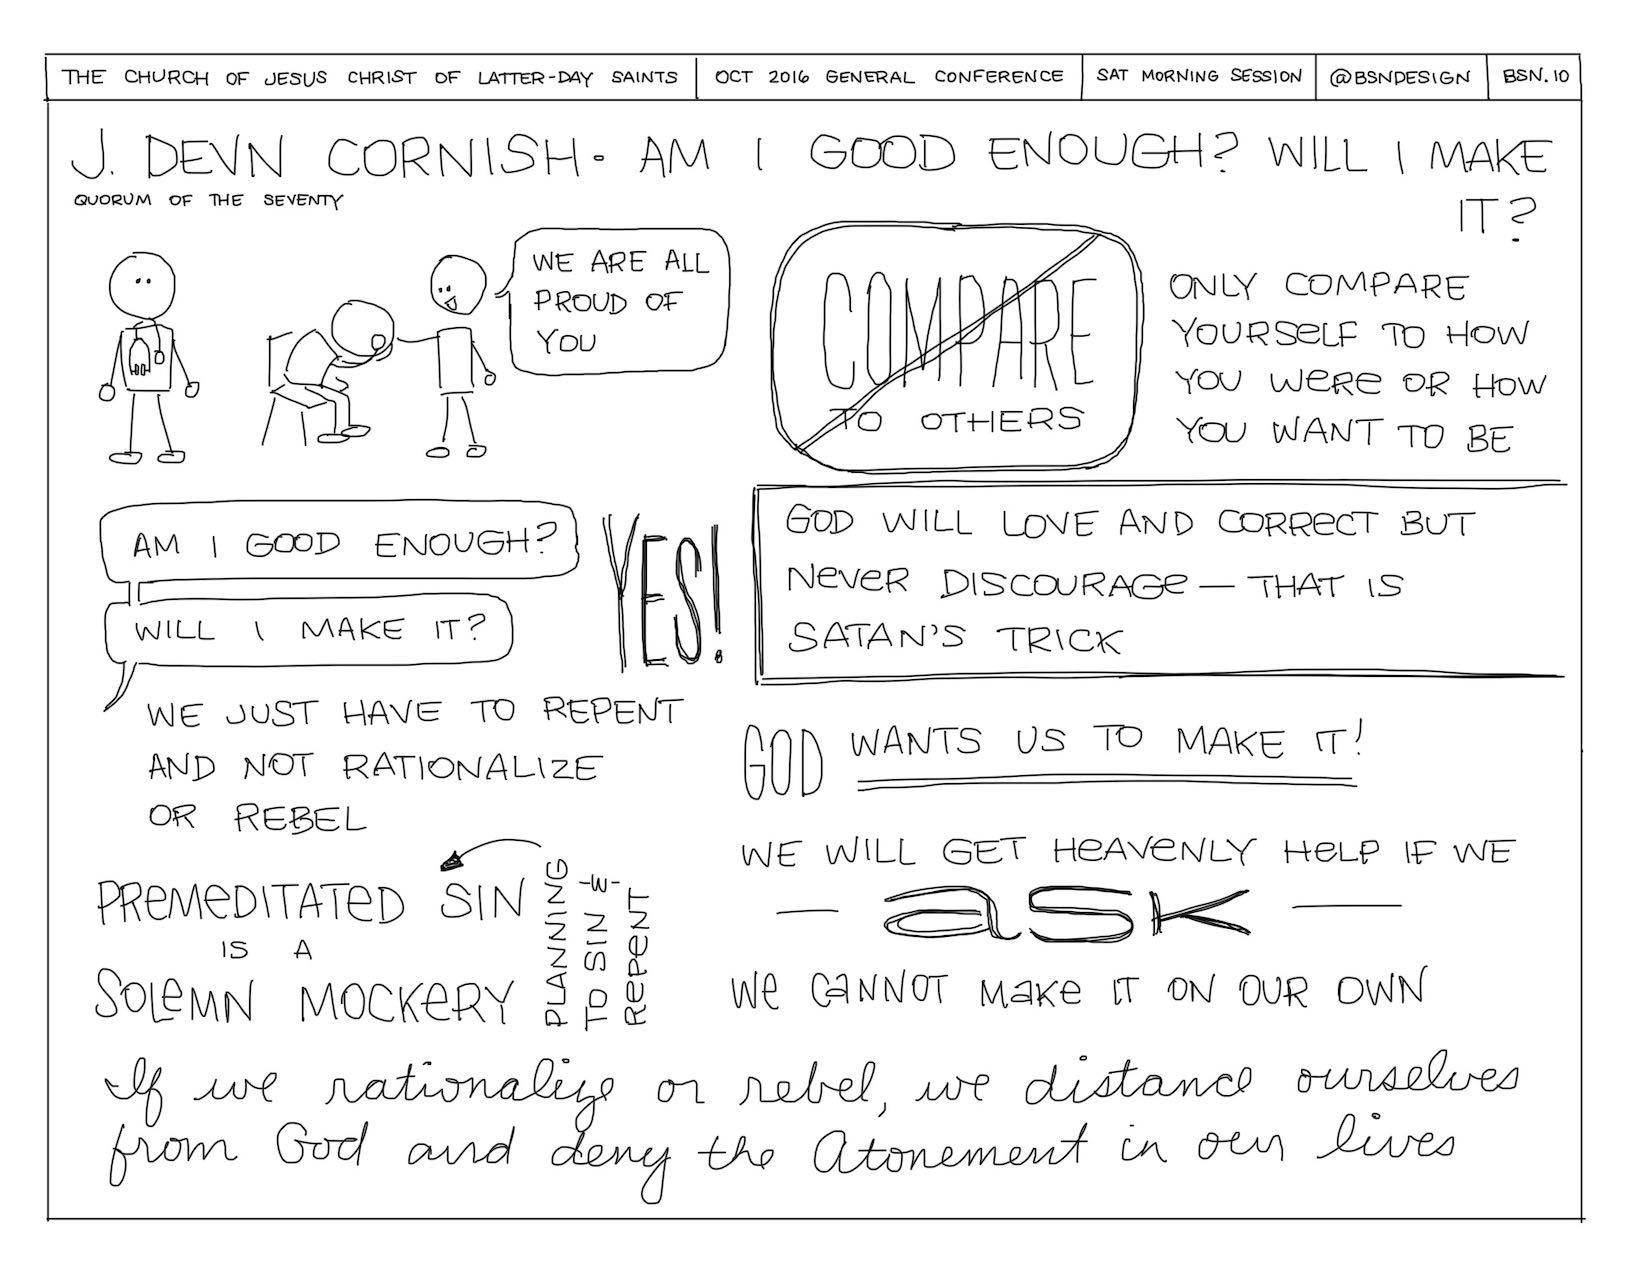 General Conference Sketchnotes 10